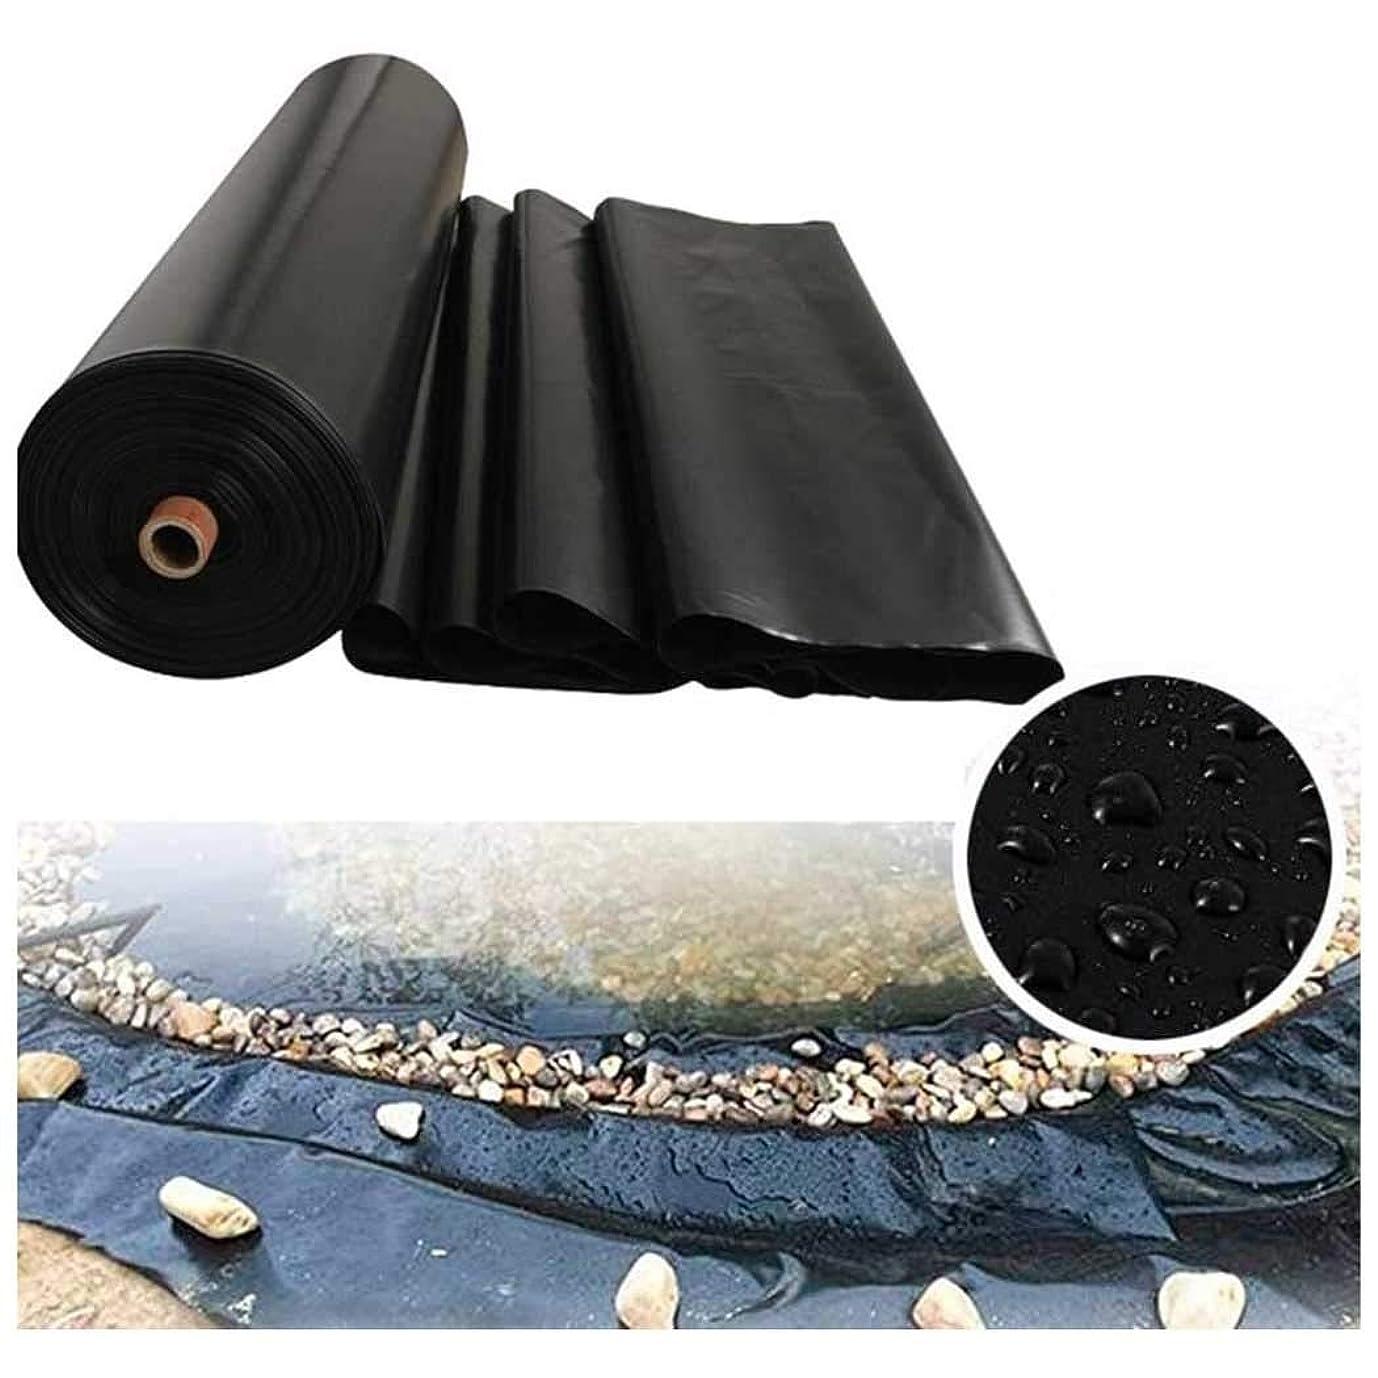 理解する化学意志プールライナー 大きい庭の人工池用防水シート 屋根上の一時的な雨よけ HDPE製 漏れ防止 農水産業用 人工池用シート、厚さ0.2mm 0.4mm 0.5mm 0.6mm 0.8mm (Color : 80S-0.8MM, Size : 6x8m)